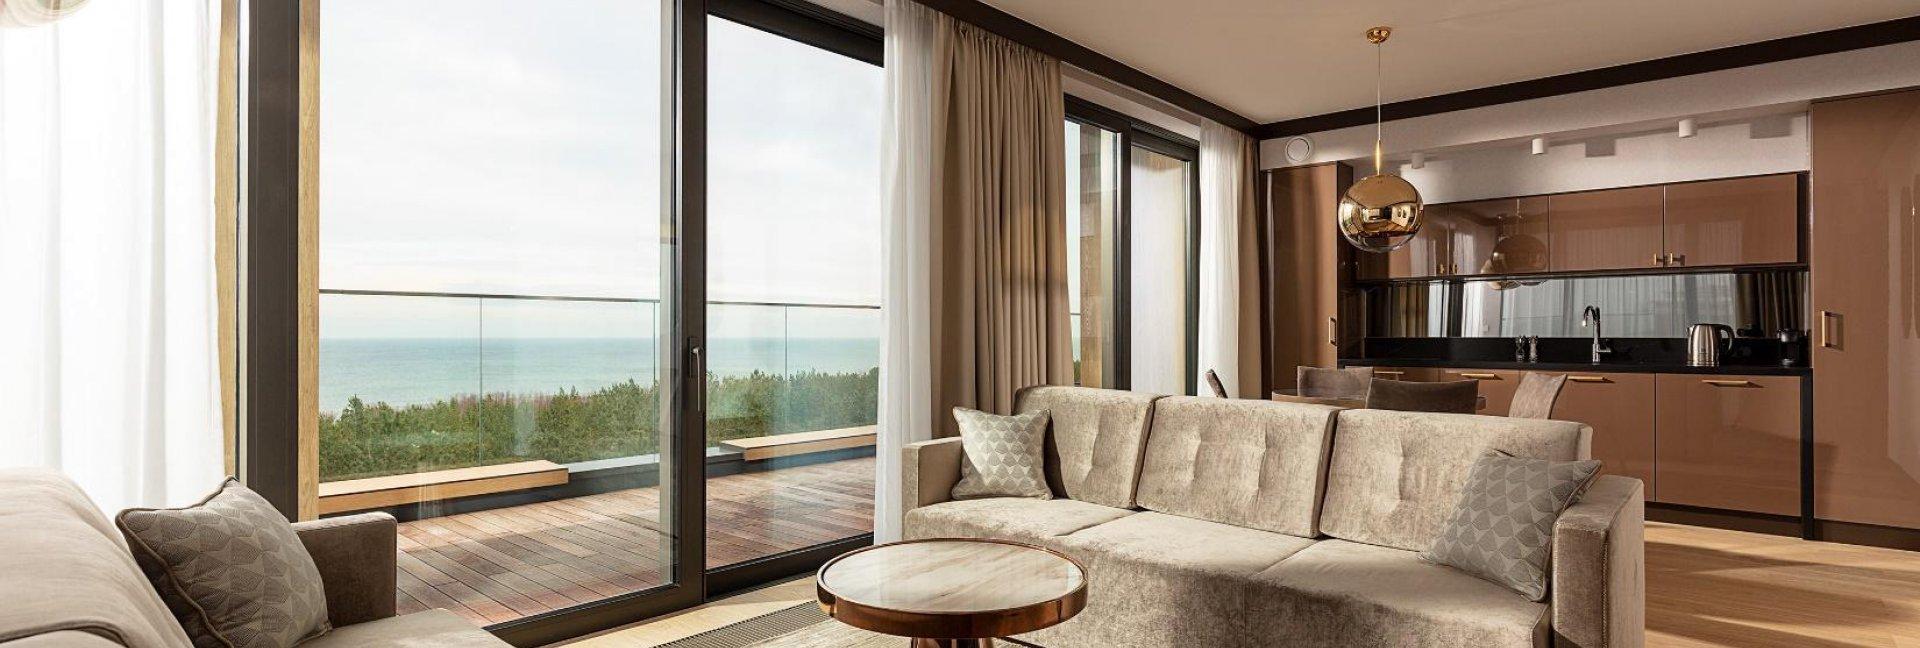 Apartamenty nad morzem, czyli ESA Premium